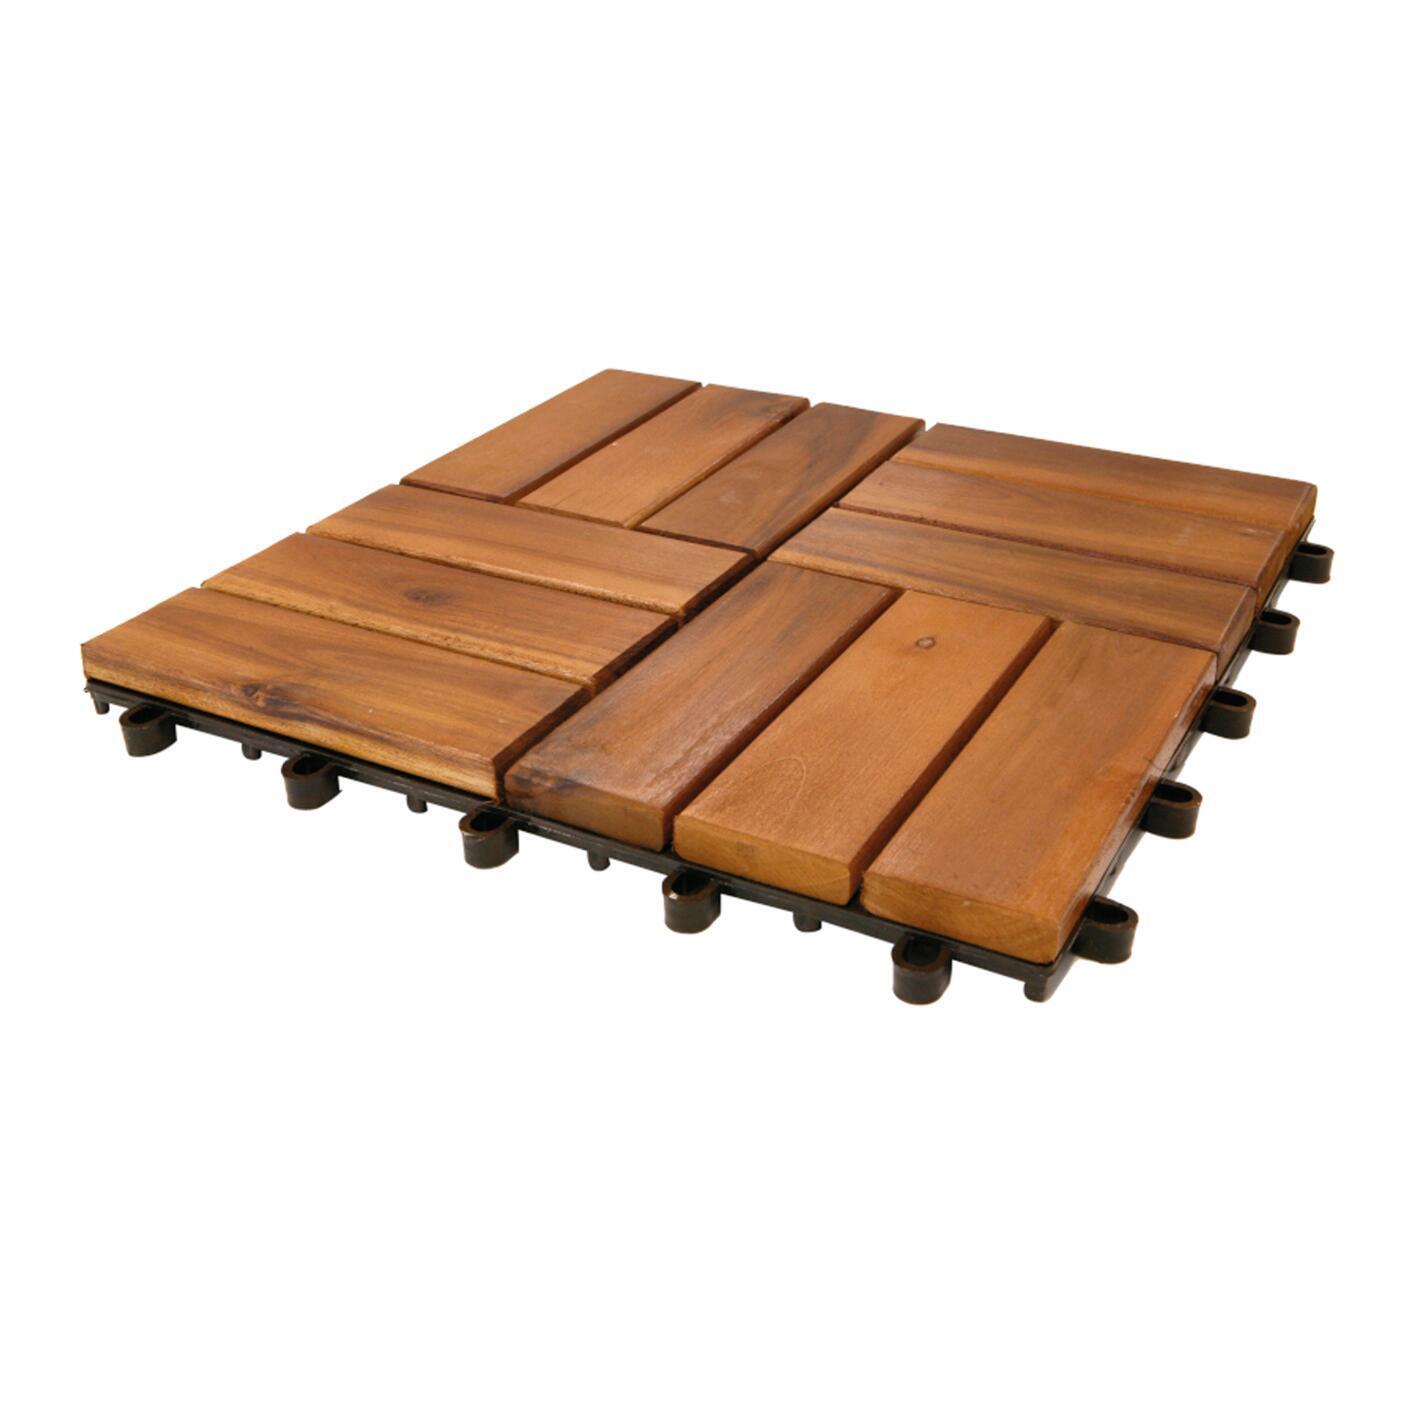 Piastrelle ad incastro ONEK in legno acacia 30 x 30 cm Sp 25 mm, marrone - 3